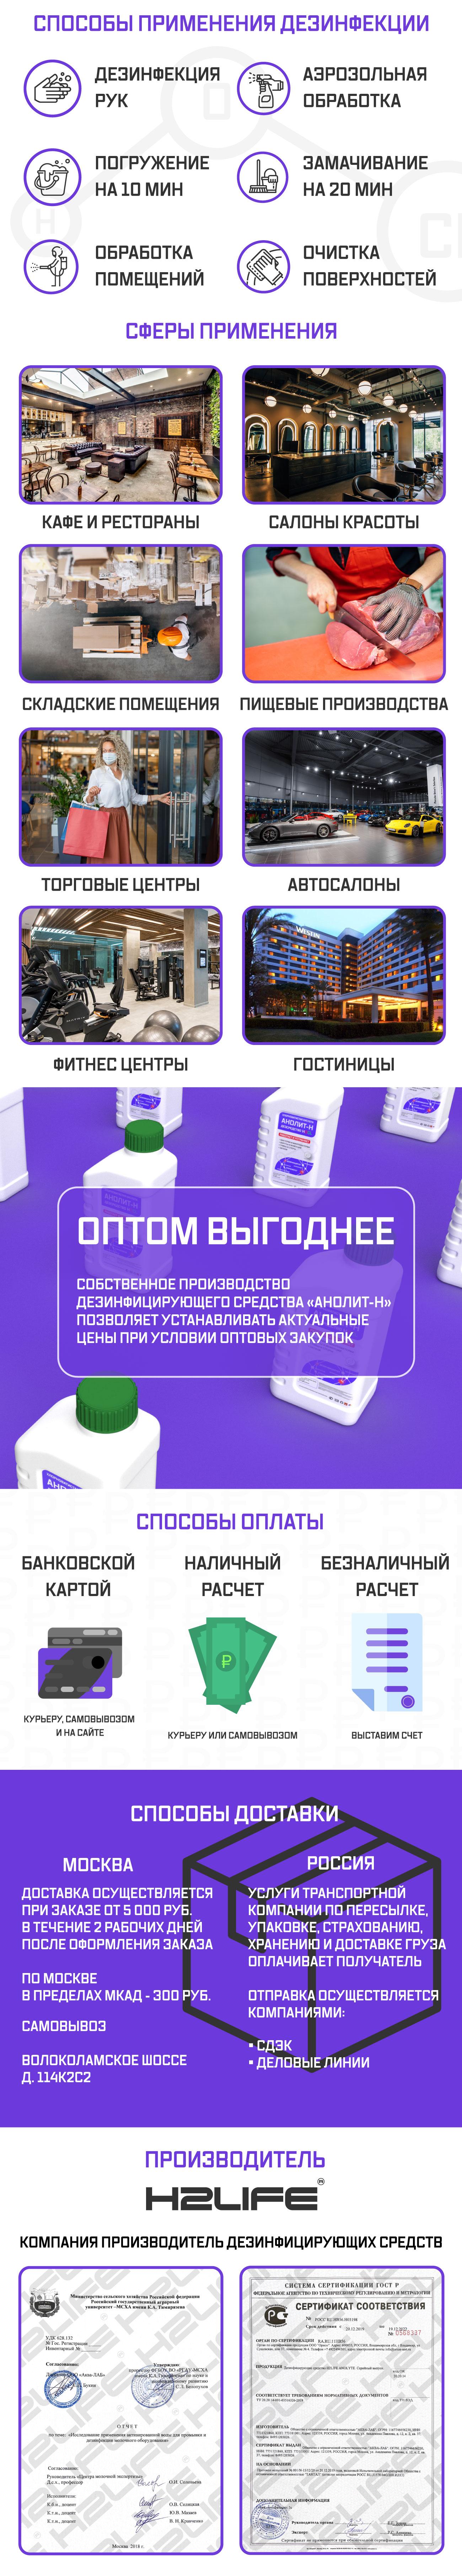 H2LIFE АНОЛИТ-Н 1 л дезинфицирующее средство (часть 2)